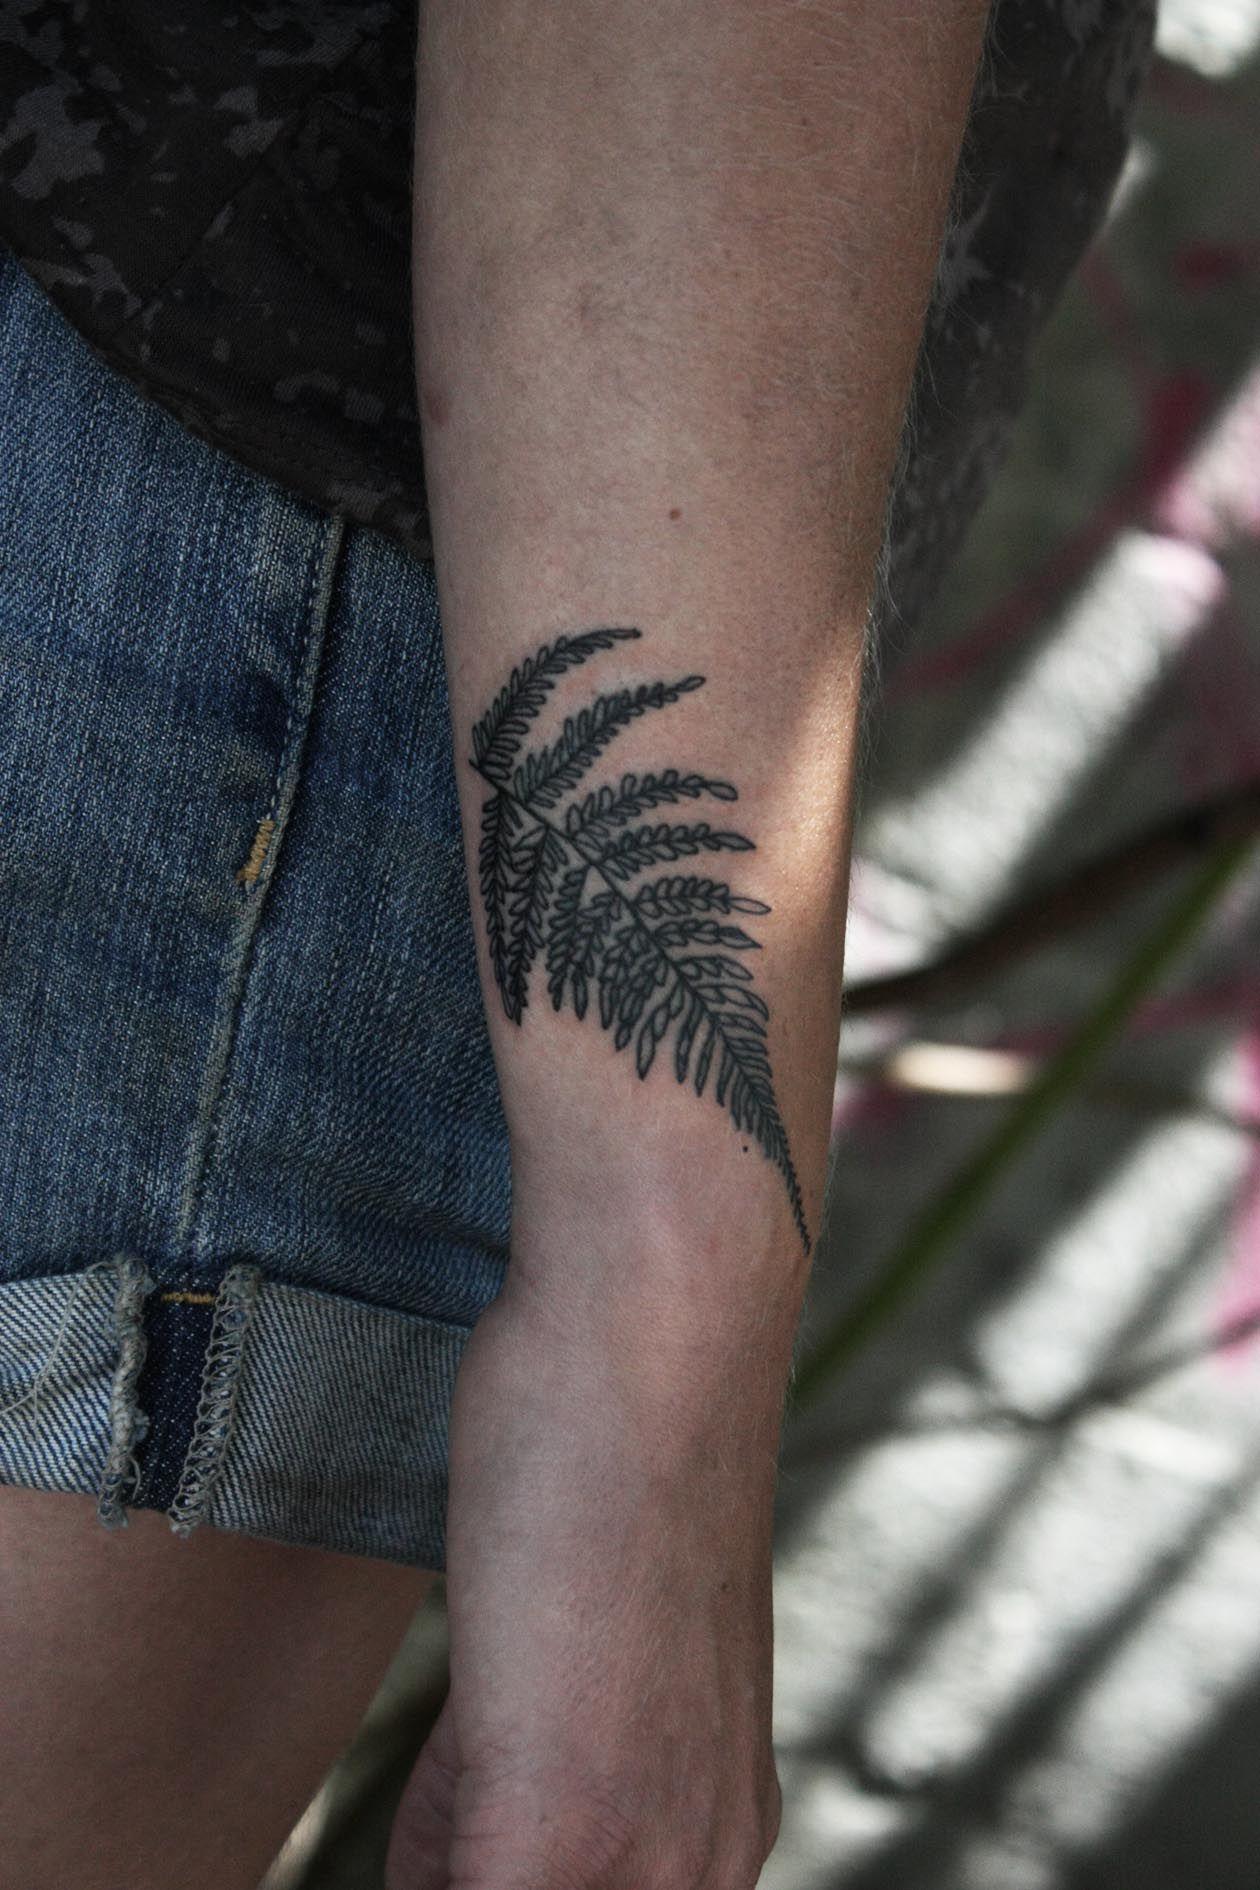 I Love This Fern Leaf No Significance That I Know Of I Just Like It Fern Tattoo Tattoos Metal Tattoo